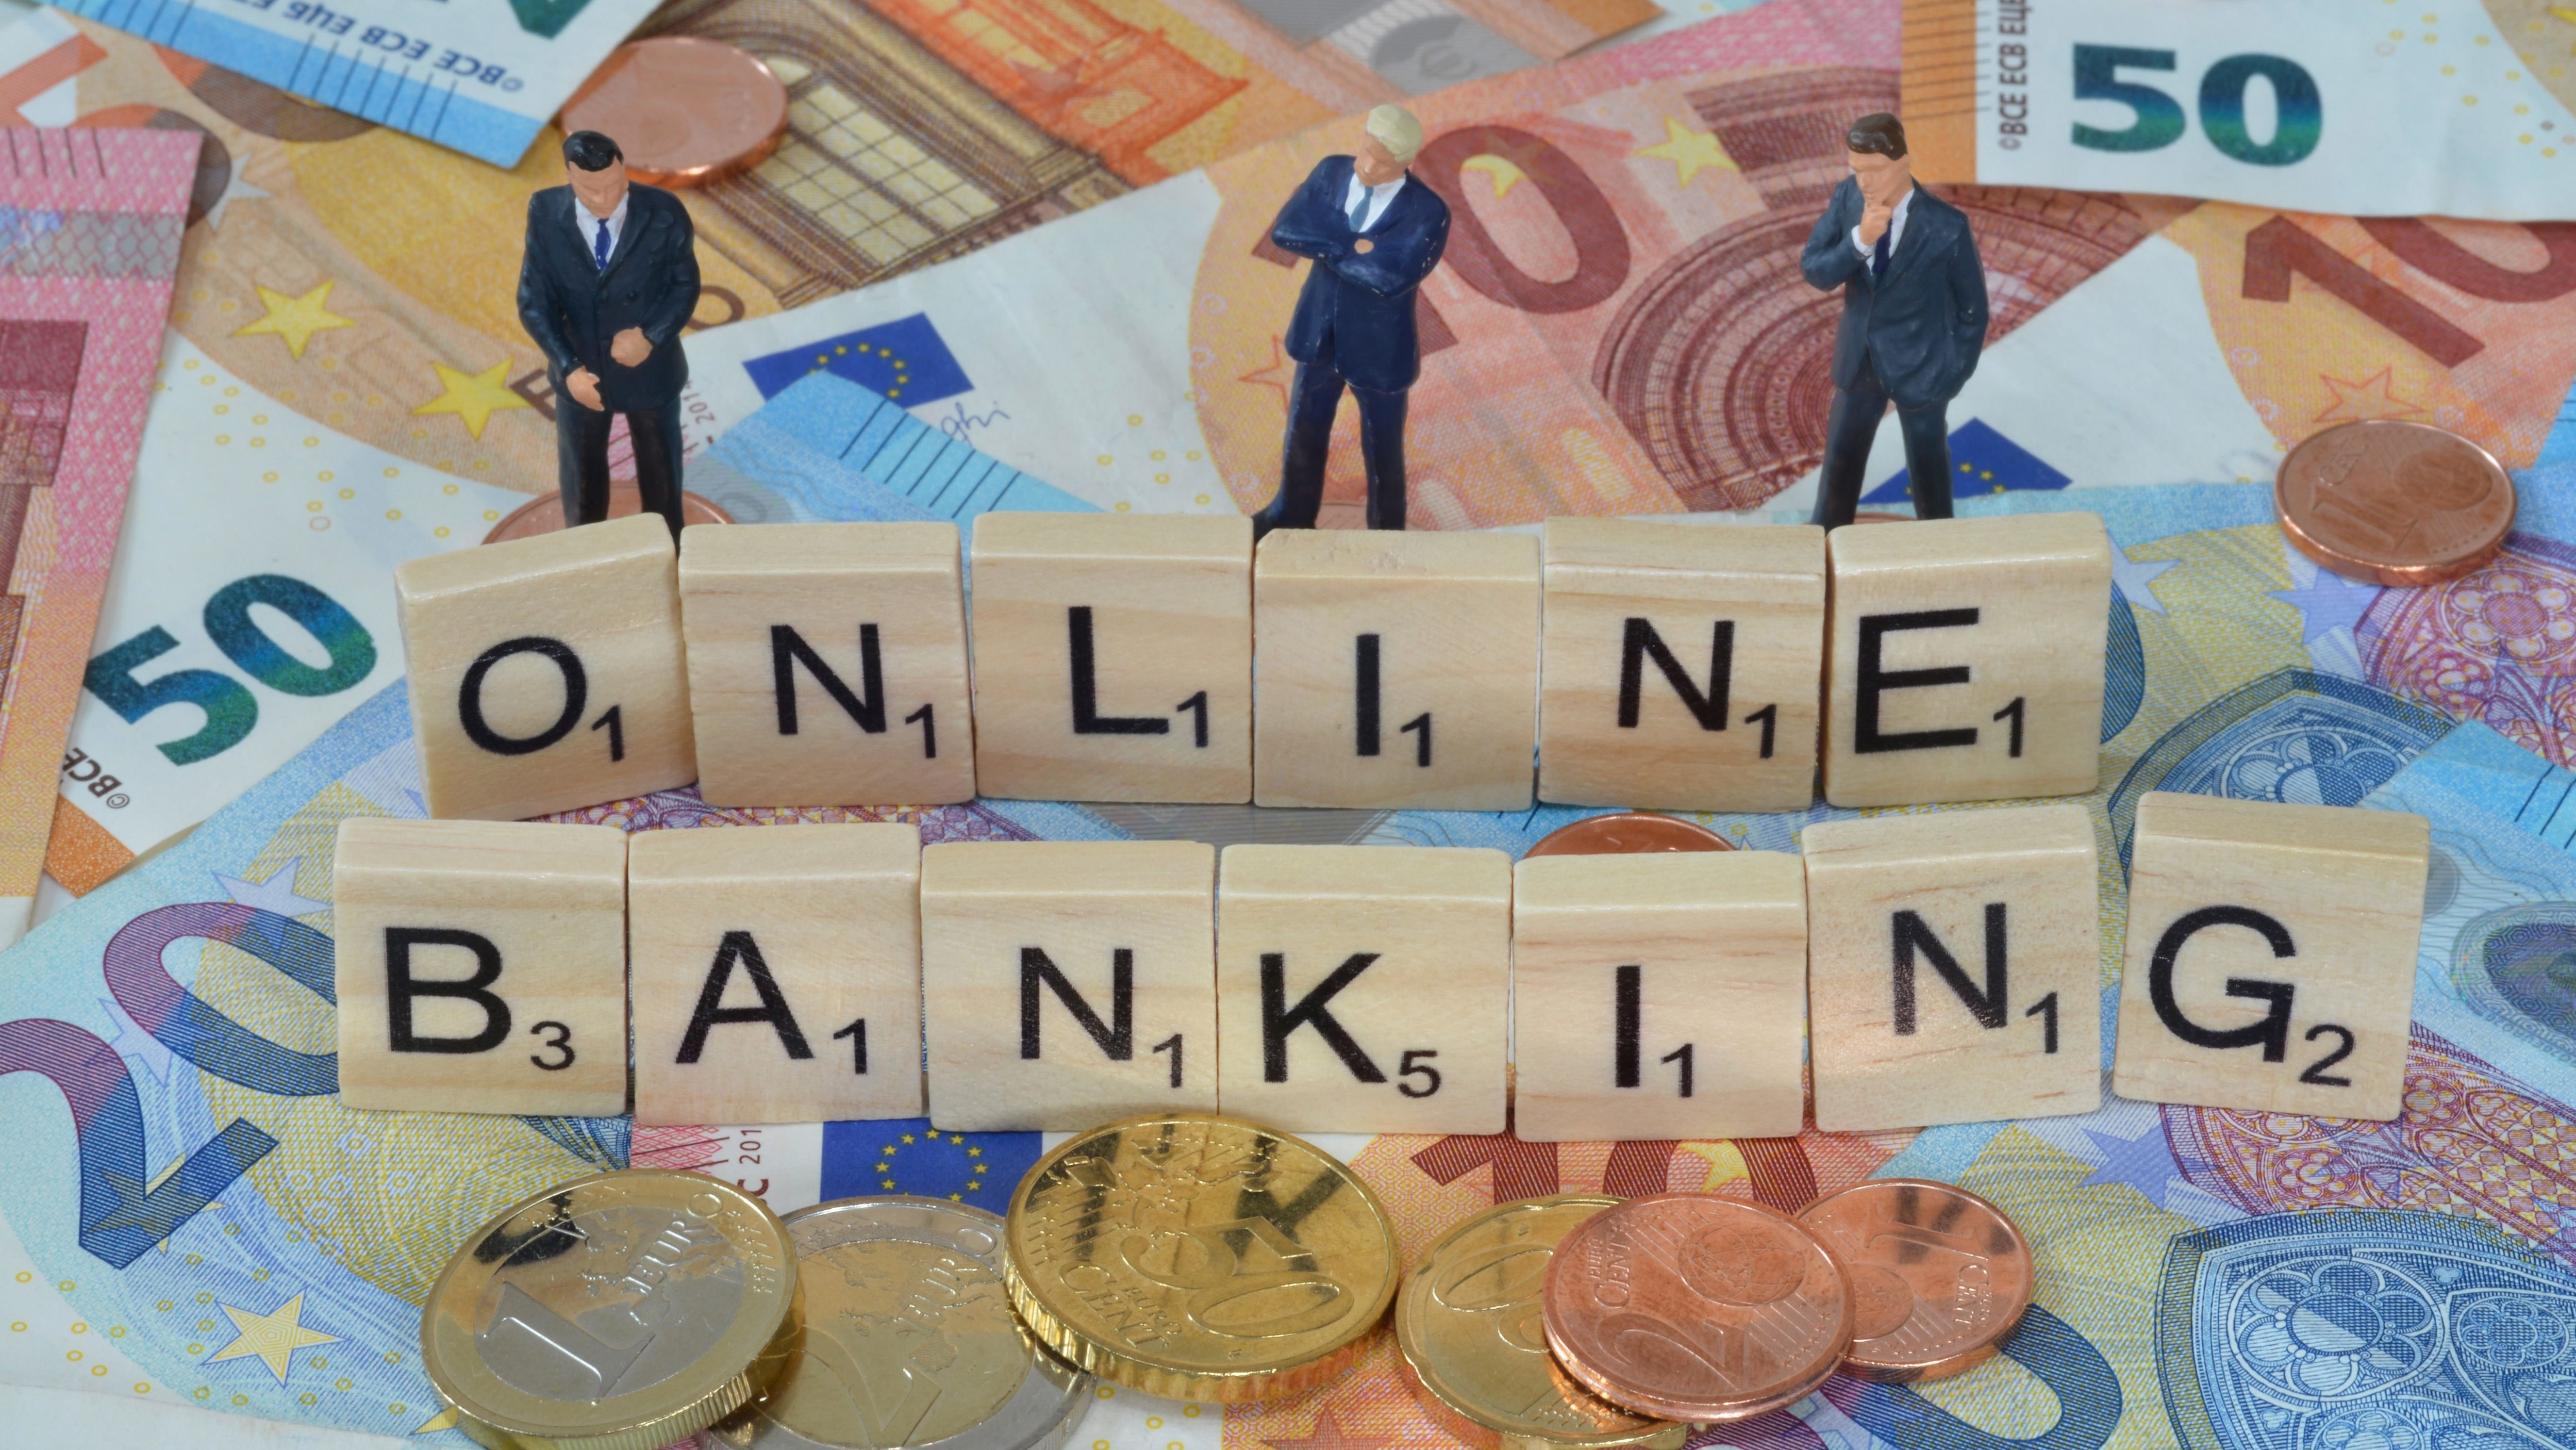 Symbolfoto Wirtschaftsbegriff Onlinebanking